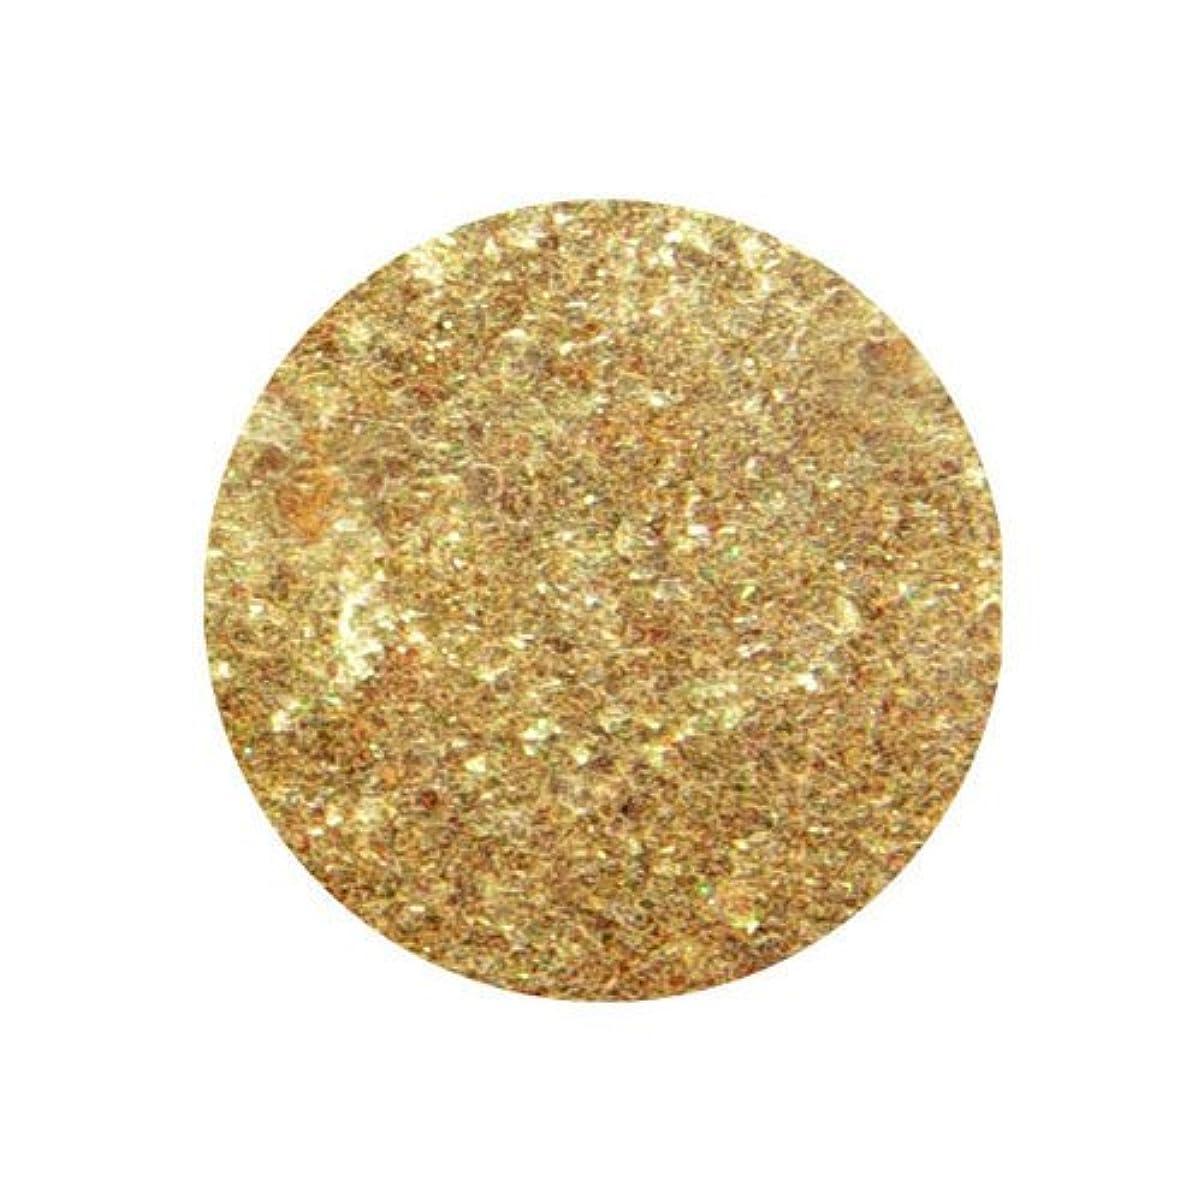 代わってグループ甘美なピカエース クリスタルパール L #432-CKL ゴールド 0.5g アート材